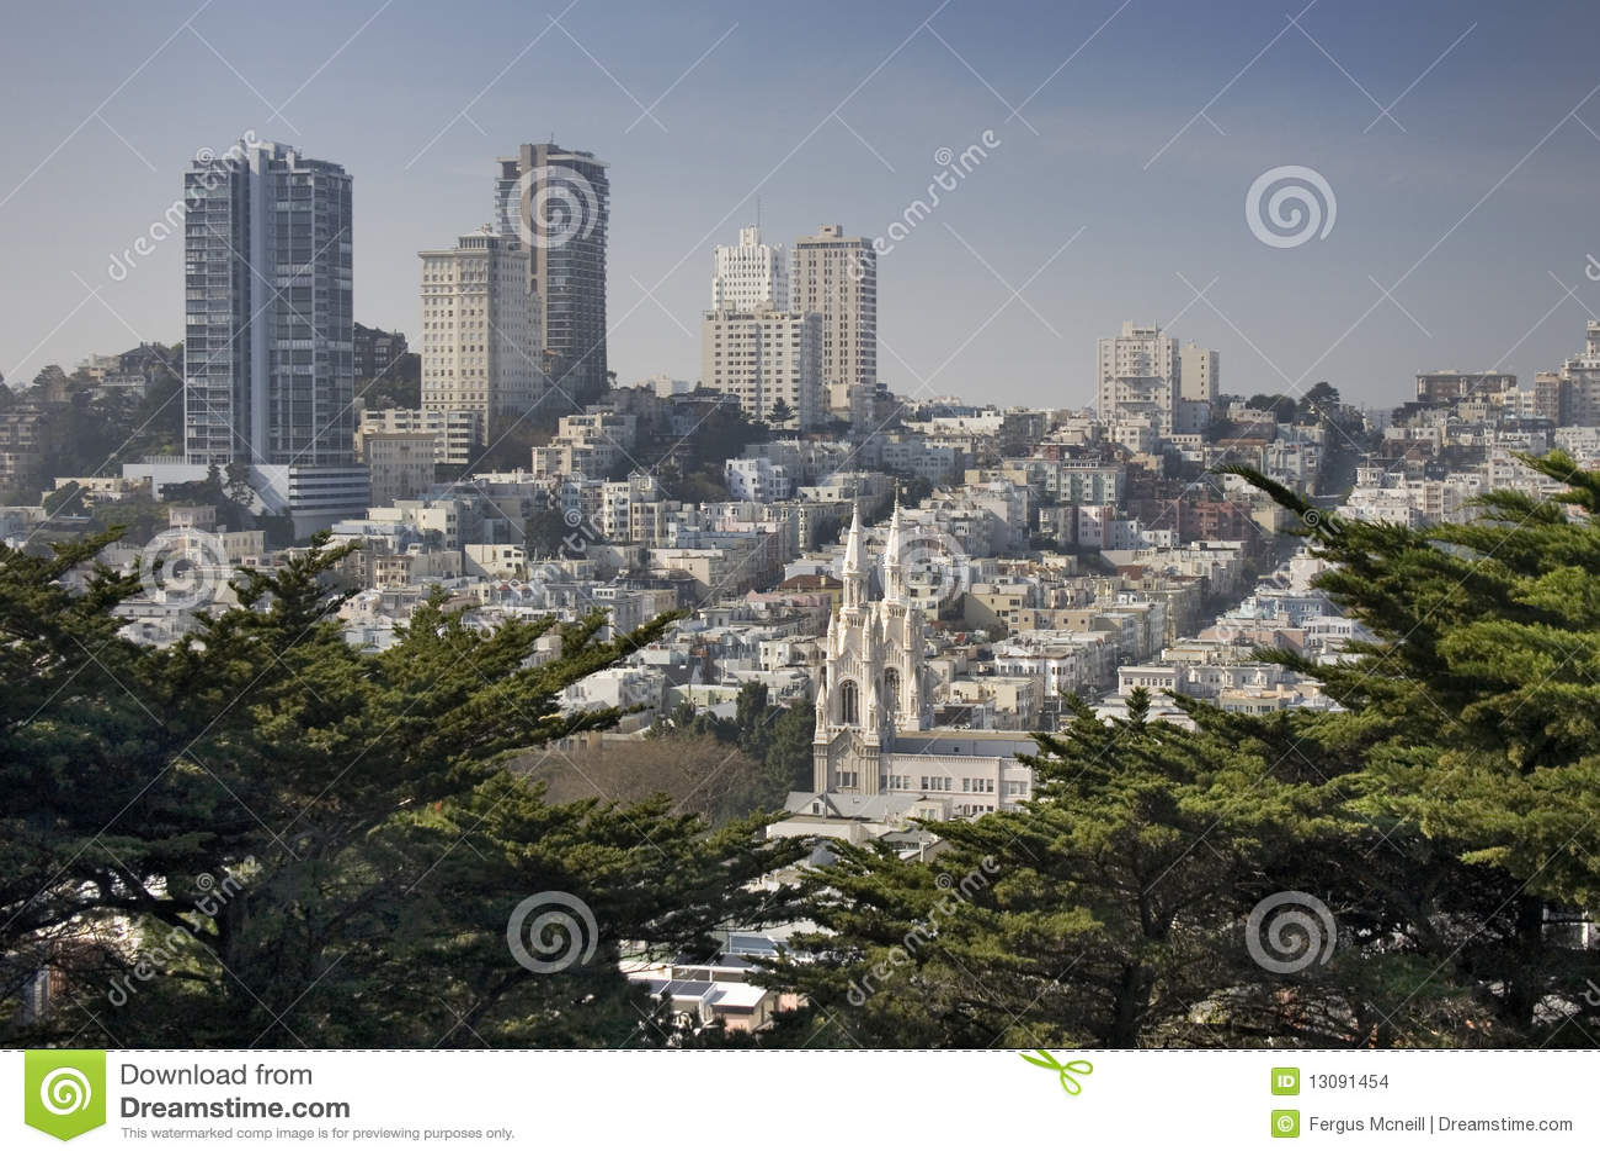 Superb Russian Church San Francisco #1: Russian-hill-san-francisco-13091454.jpg